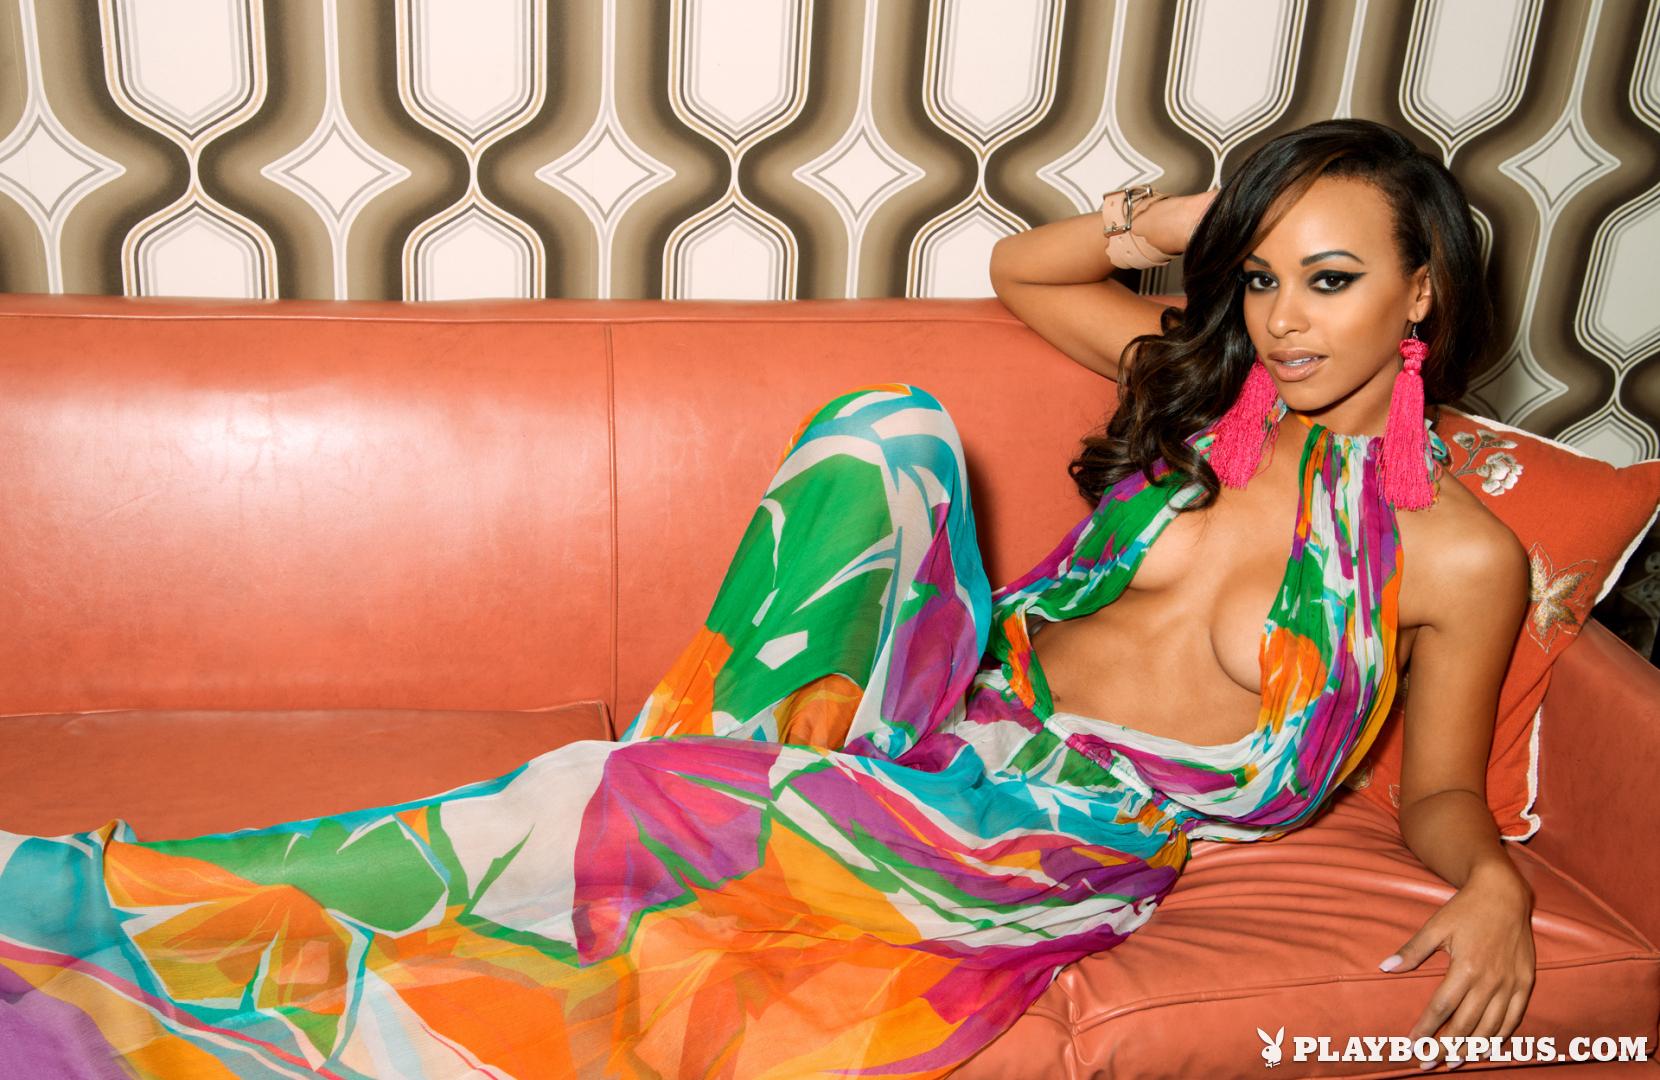 Playboy Cybergirl - Kaylia Cassandra Nude Photos & Videos at Playboy Plus! - Playmates Jun 22, 2015